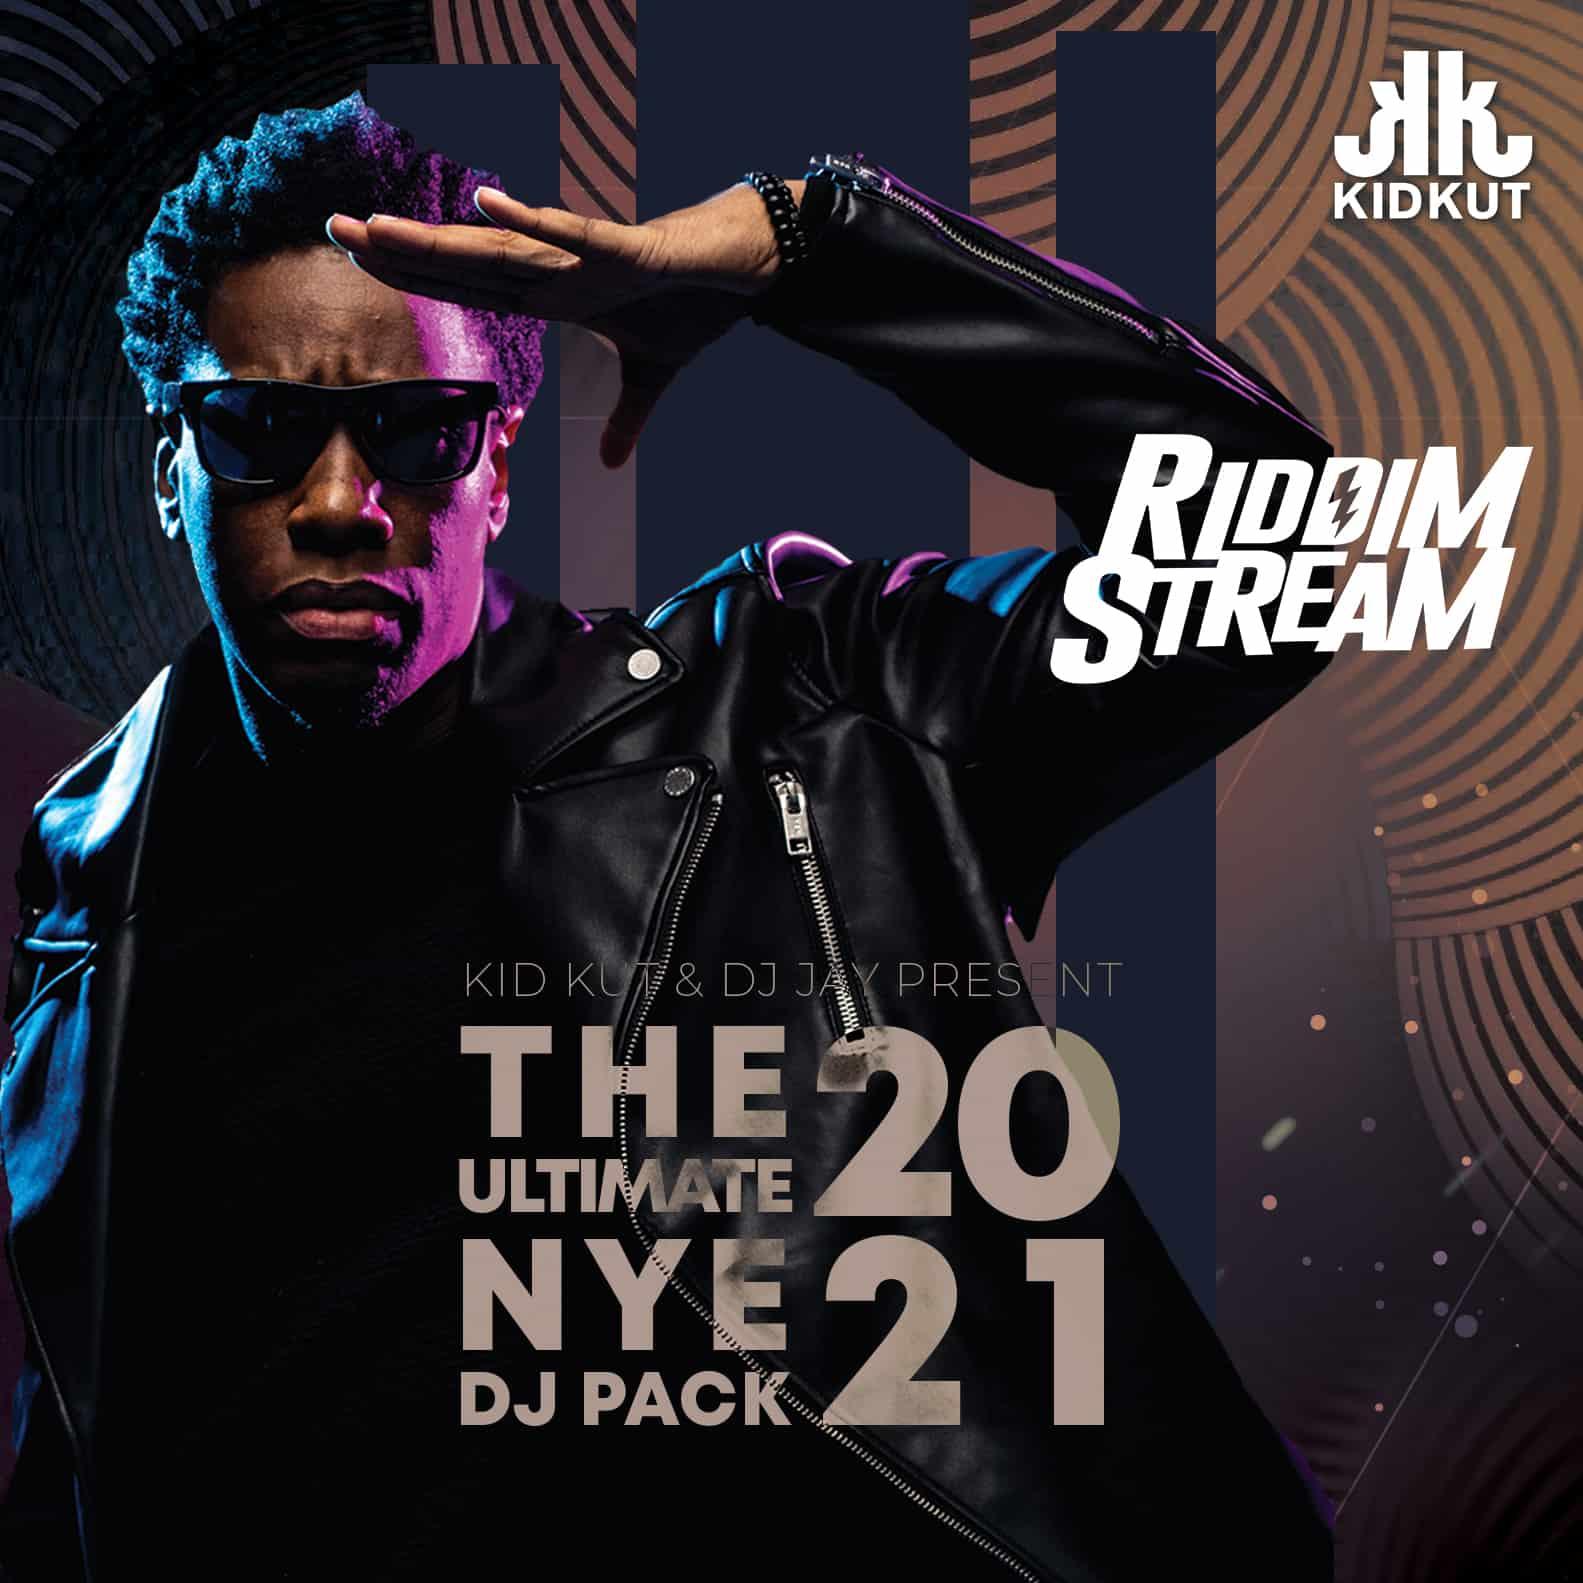 Kid Kut & DJ Jay Presents New Year